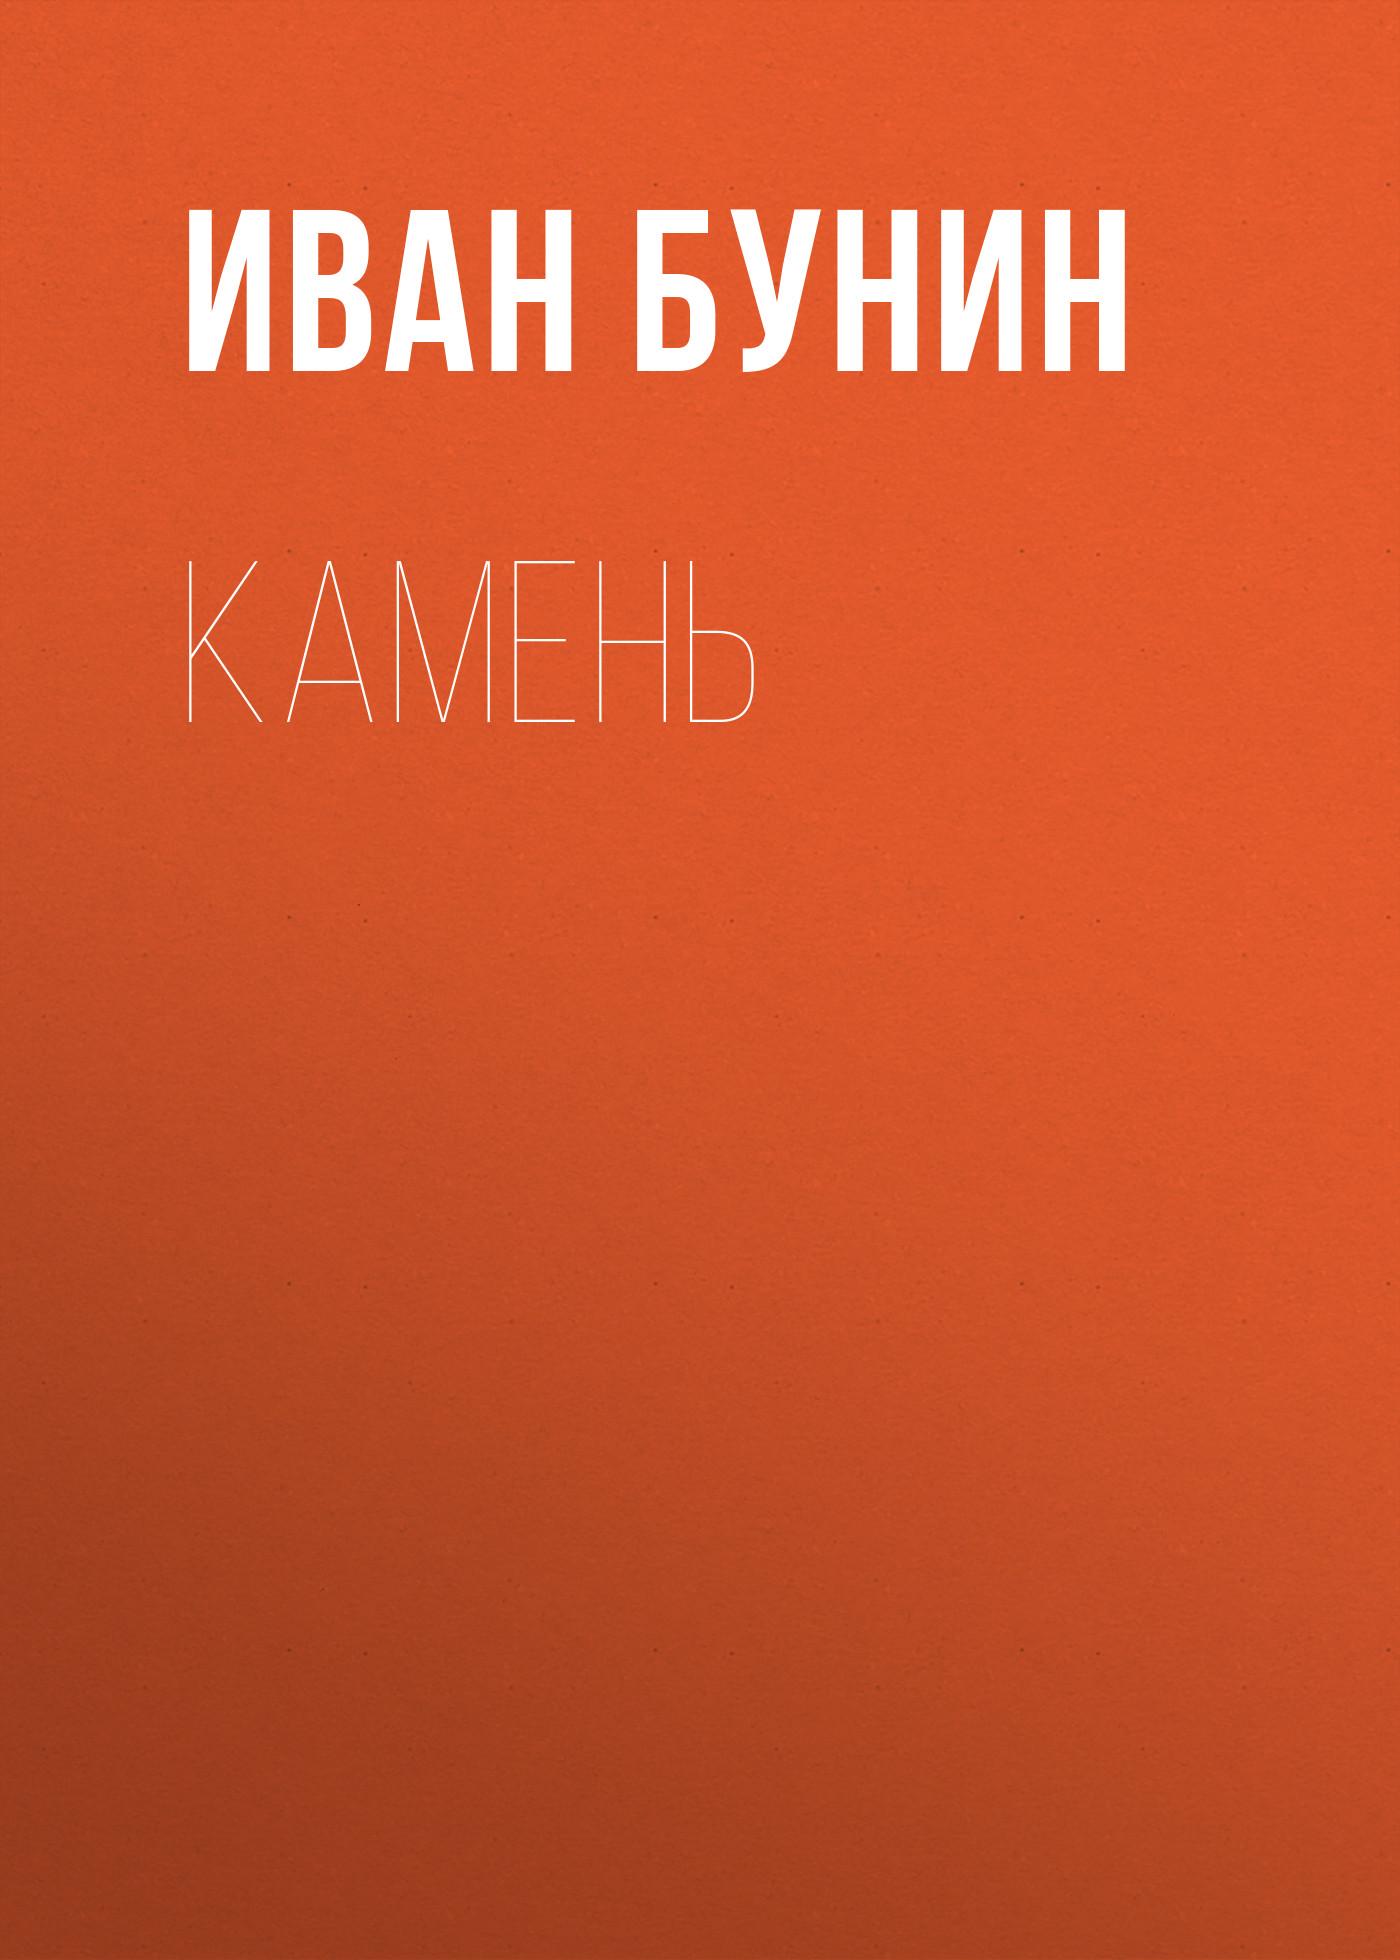 Иван Бунин Камень цены